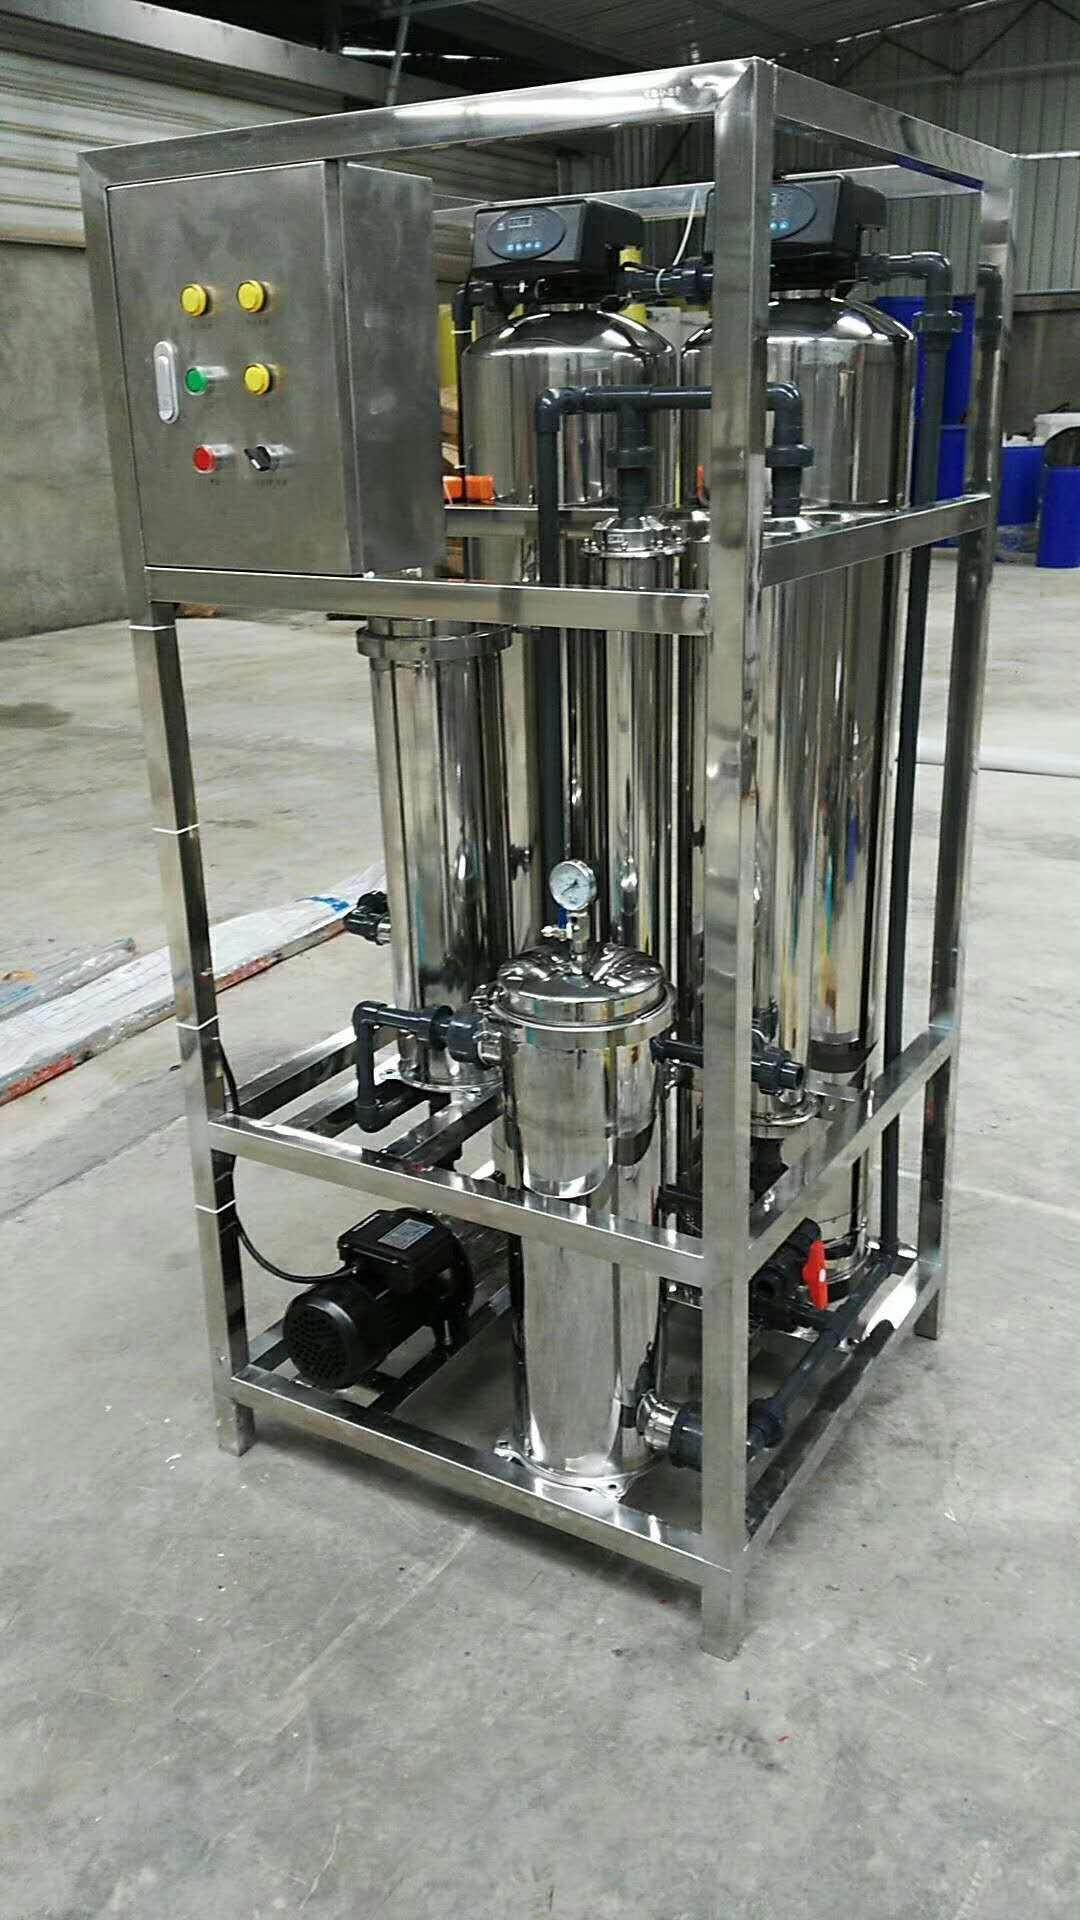 工廠酒店校園直飲水系統 純凈水設備全不銹鋼罐體一體式安全抗菌